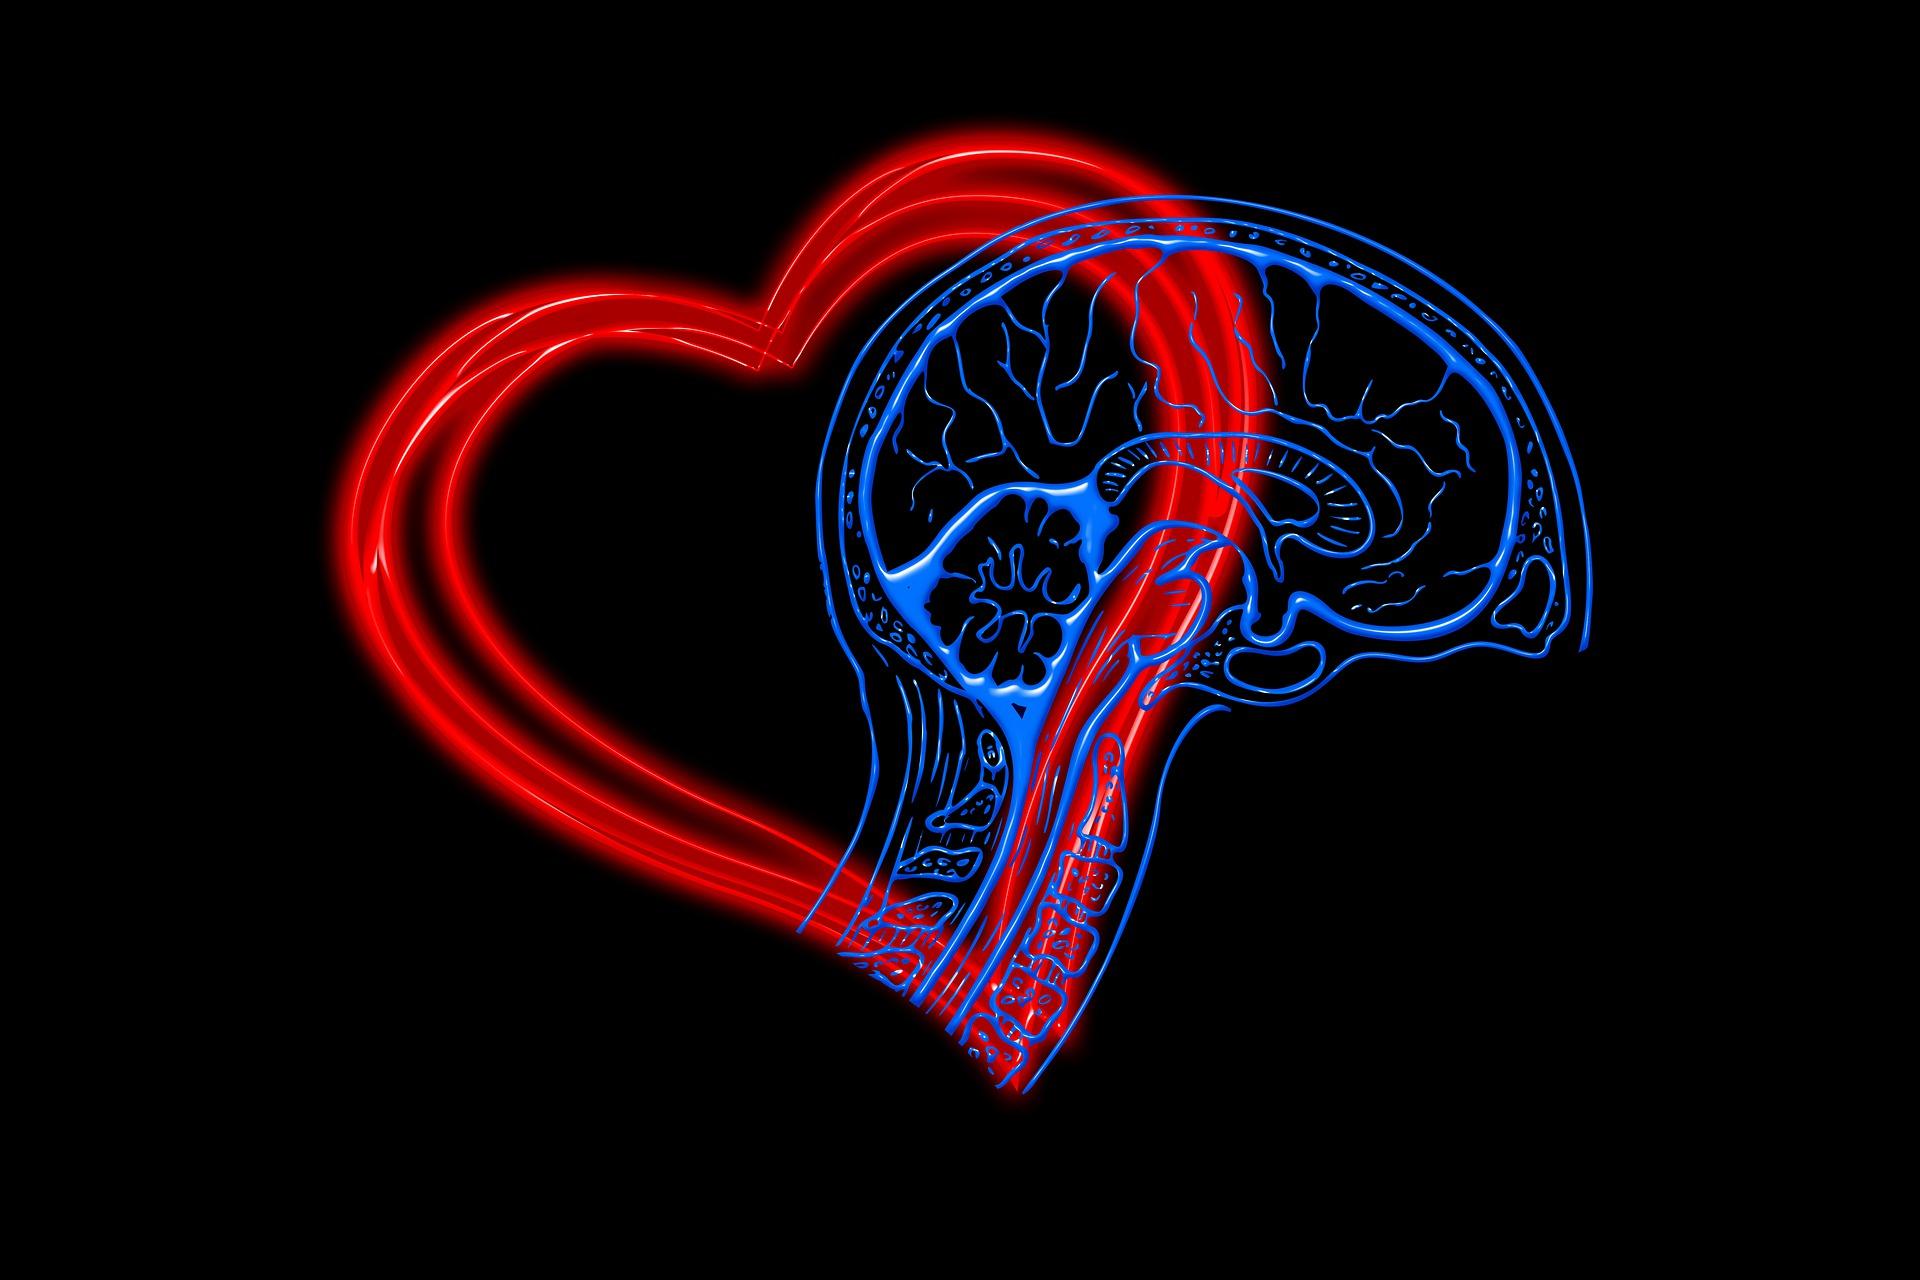 我們要心腦合一,心腦並用缺一不可